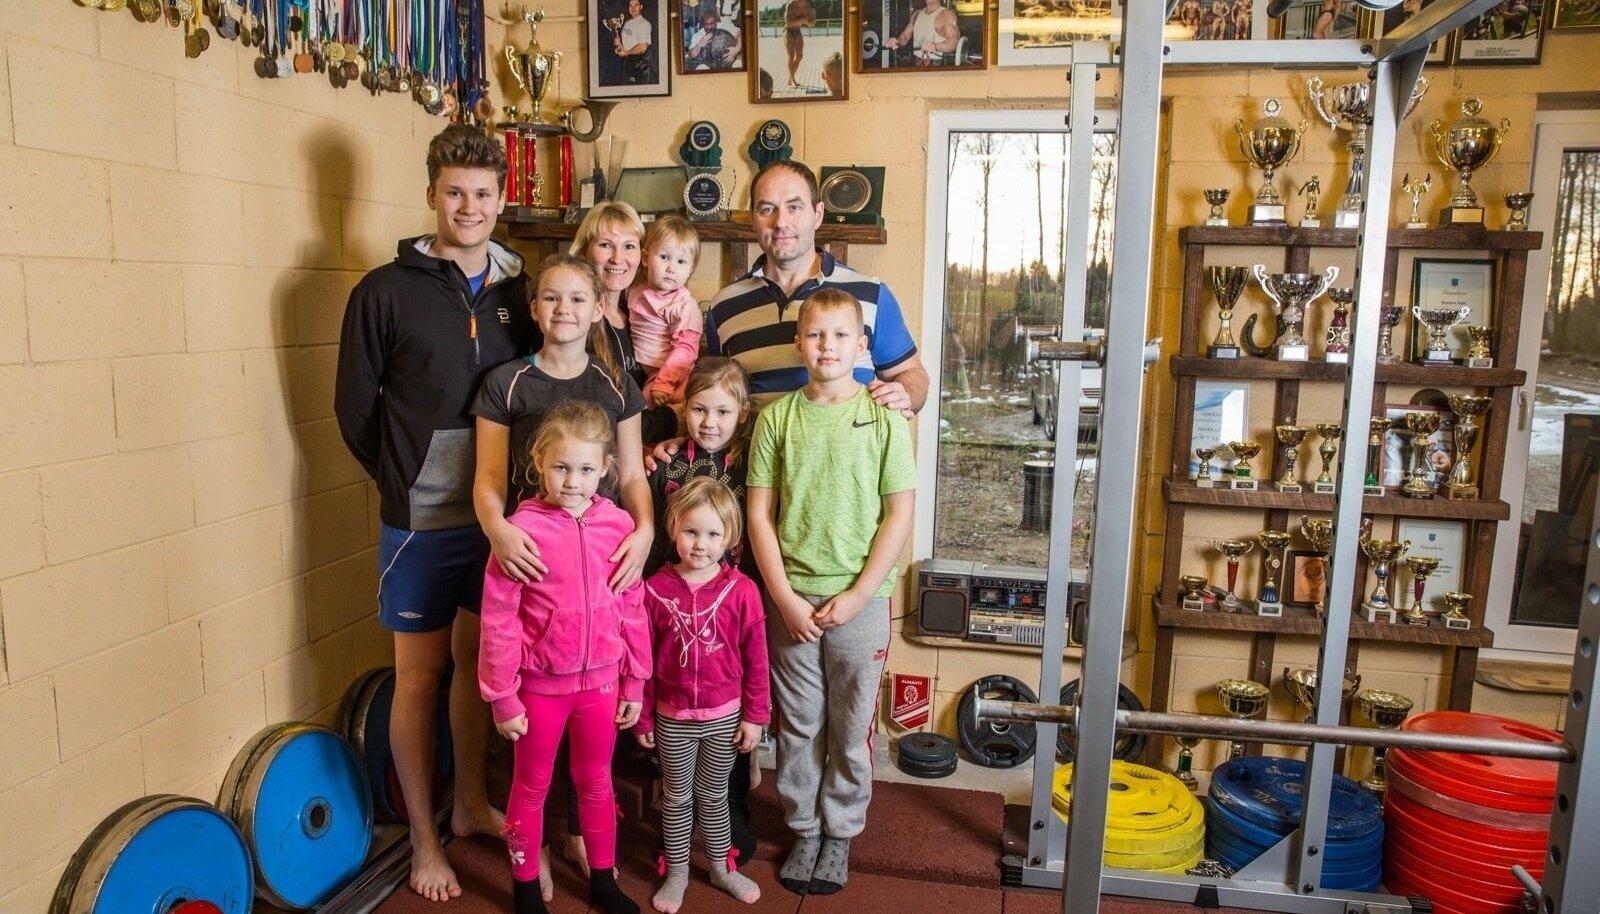 Aanide suurpere: Sten Anders (17), Janeli (12), Jolandra-Lisanna (6), ema Janne ja Janete-Aleksandra (2), Johanna (8), Johandra (4), isa Peeter, Sander (10)